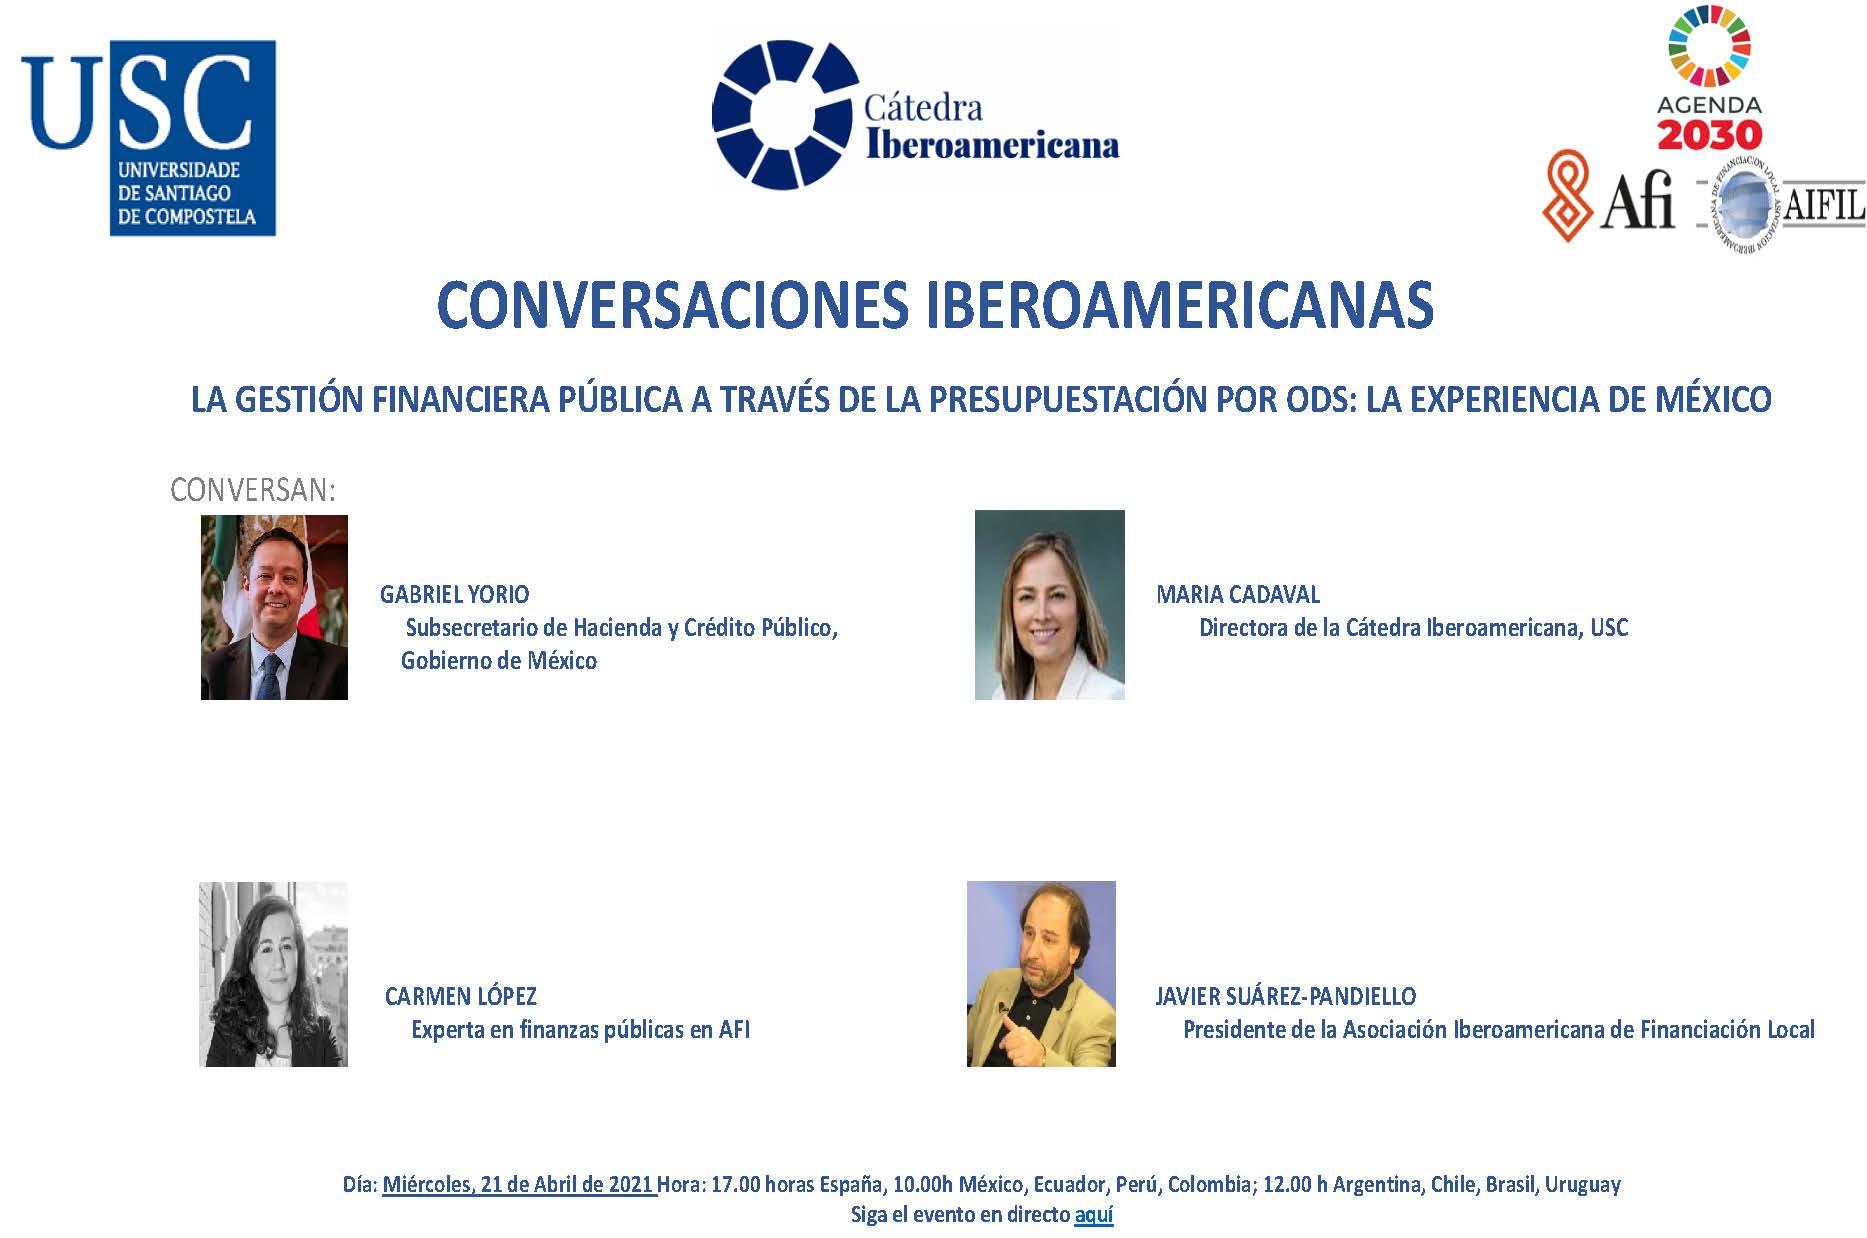 IX Encuentro Conversaciones Iberoamericanas: La gestión financiera pública a través de la presupuestación por ODS, la experiencia de México